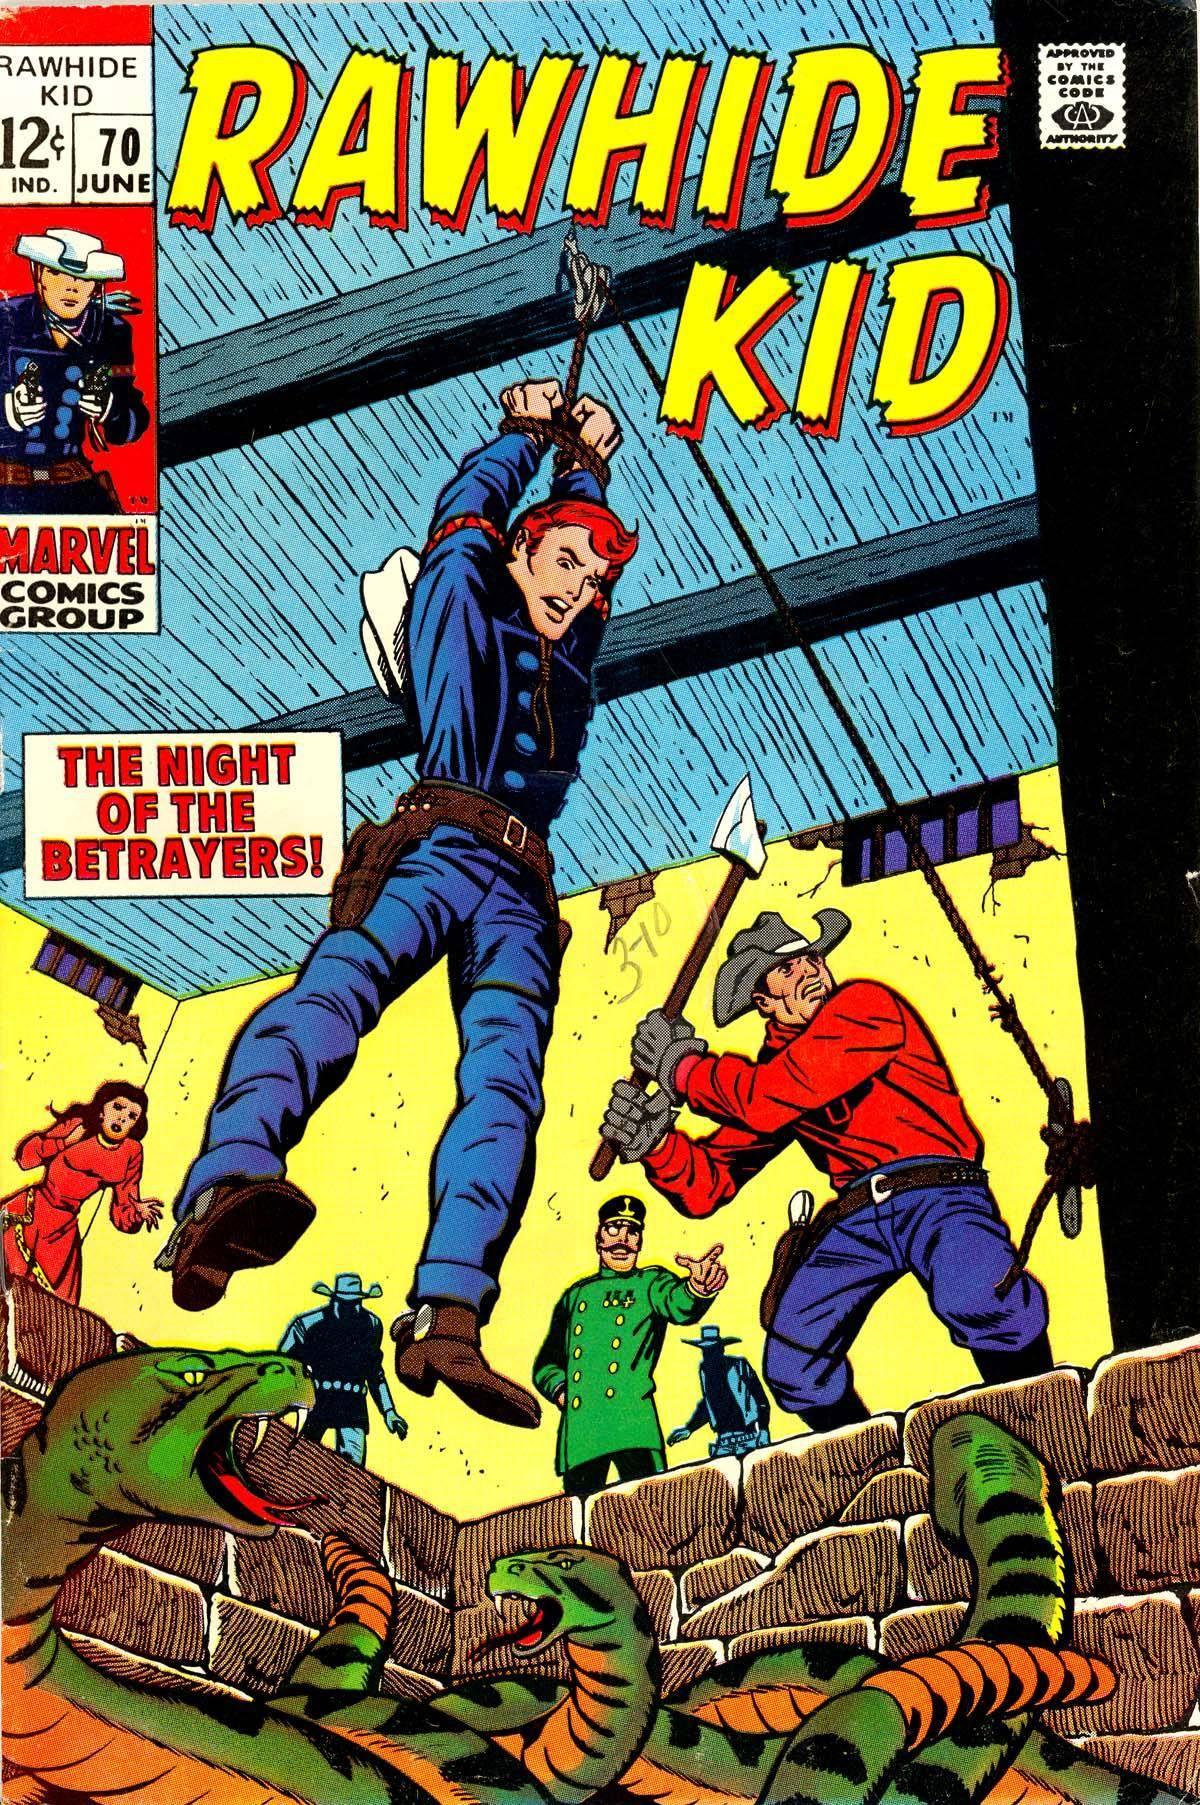 Rawhide Kid v1 070 1969 Punkrat